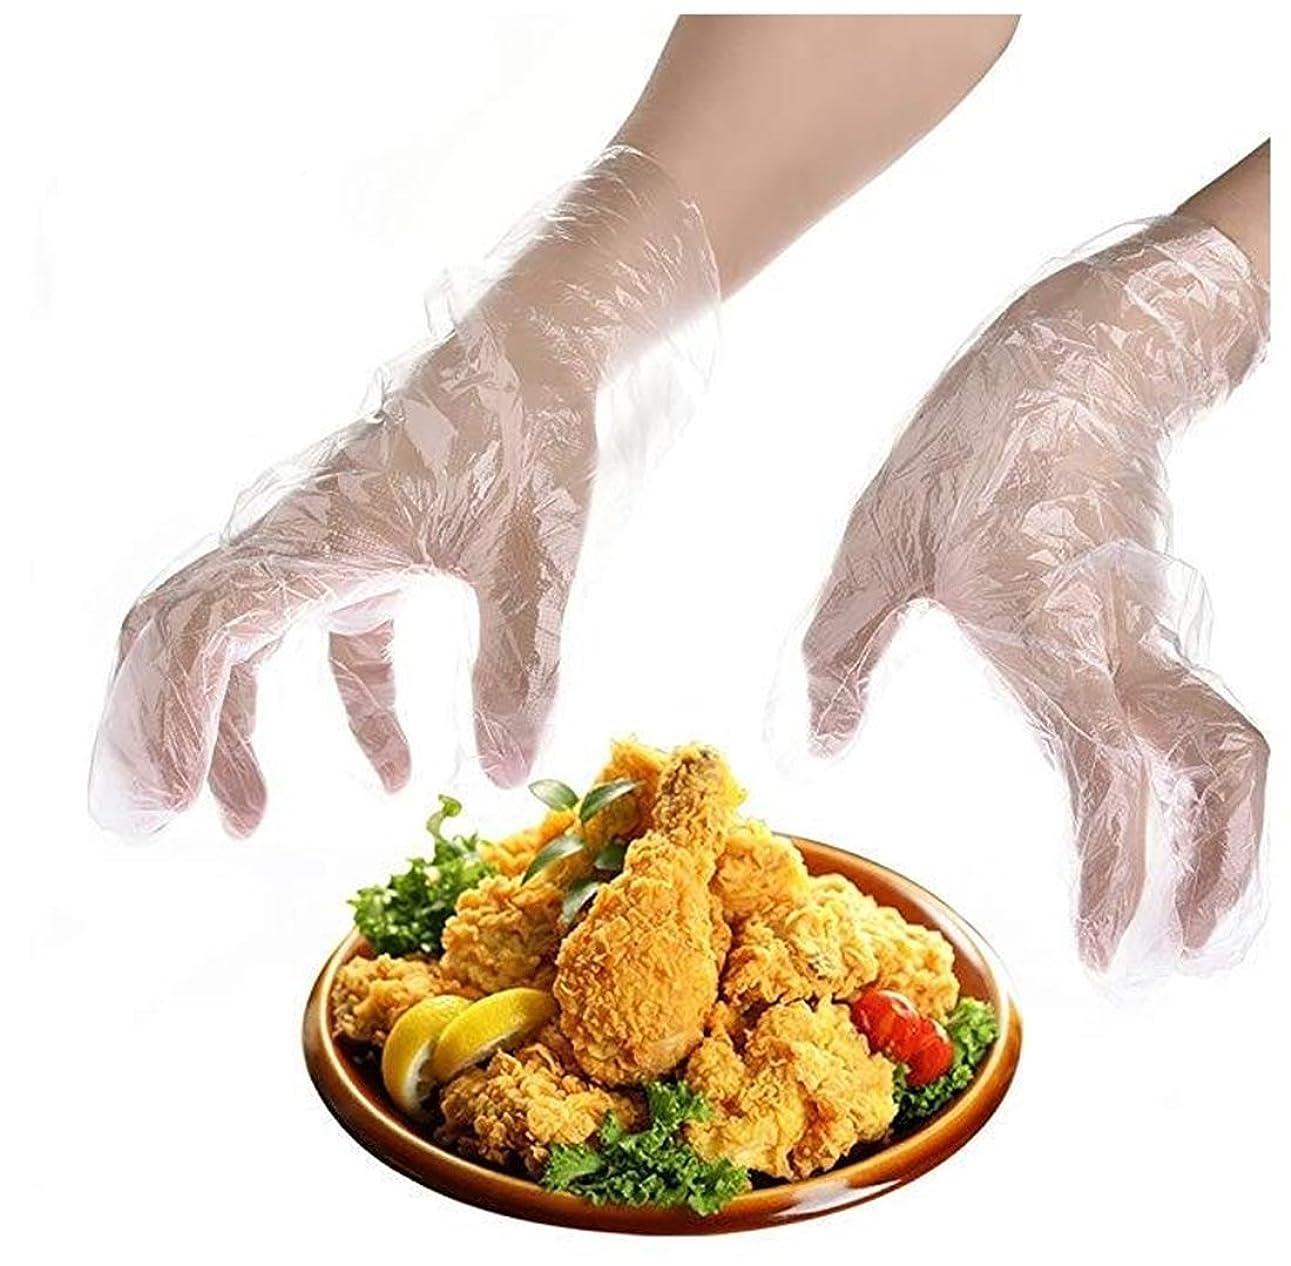 同行バナー病的Heyuni.使い捨て手袋 極薄ビニール手袋 ポリエチレン 透明 実用 衛生 100枚